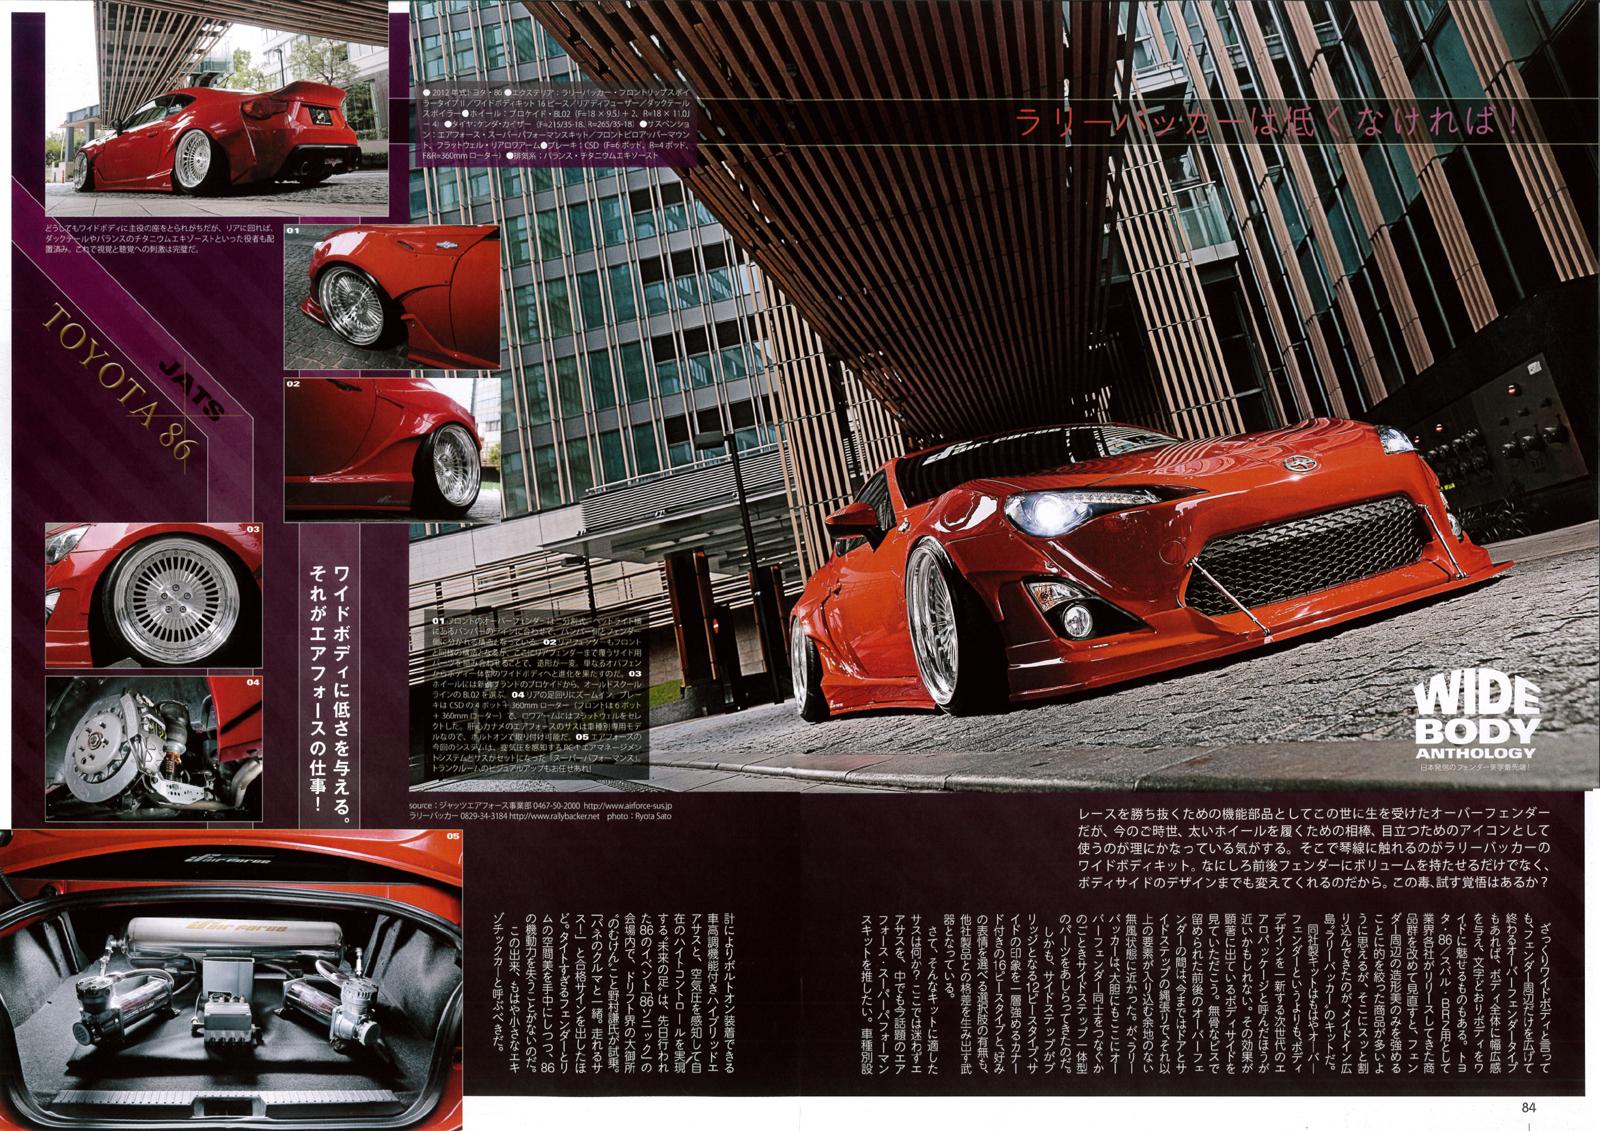 スタンスマガジン Stance Mag 掲載車 トヨタ86